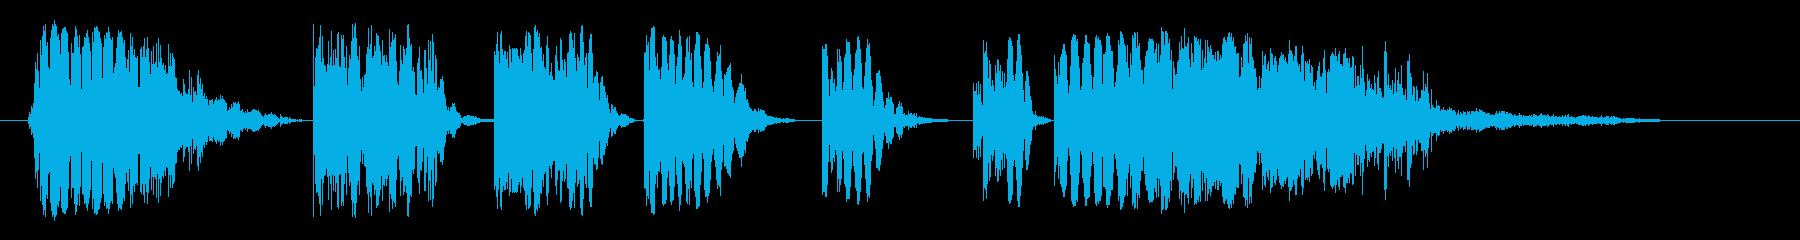 スタッターアクセント1の再生済みの波形